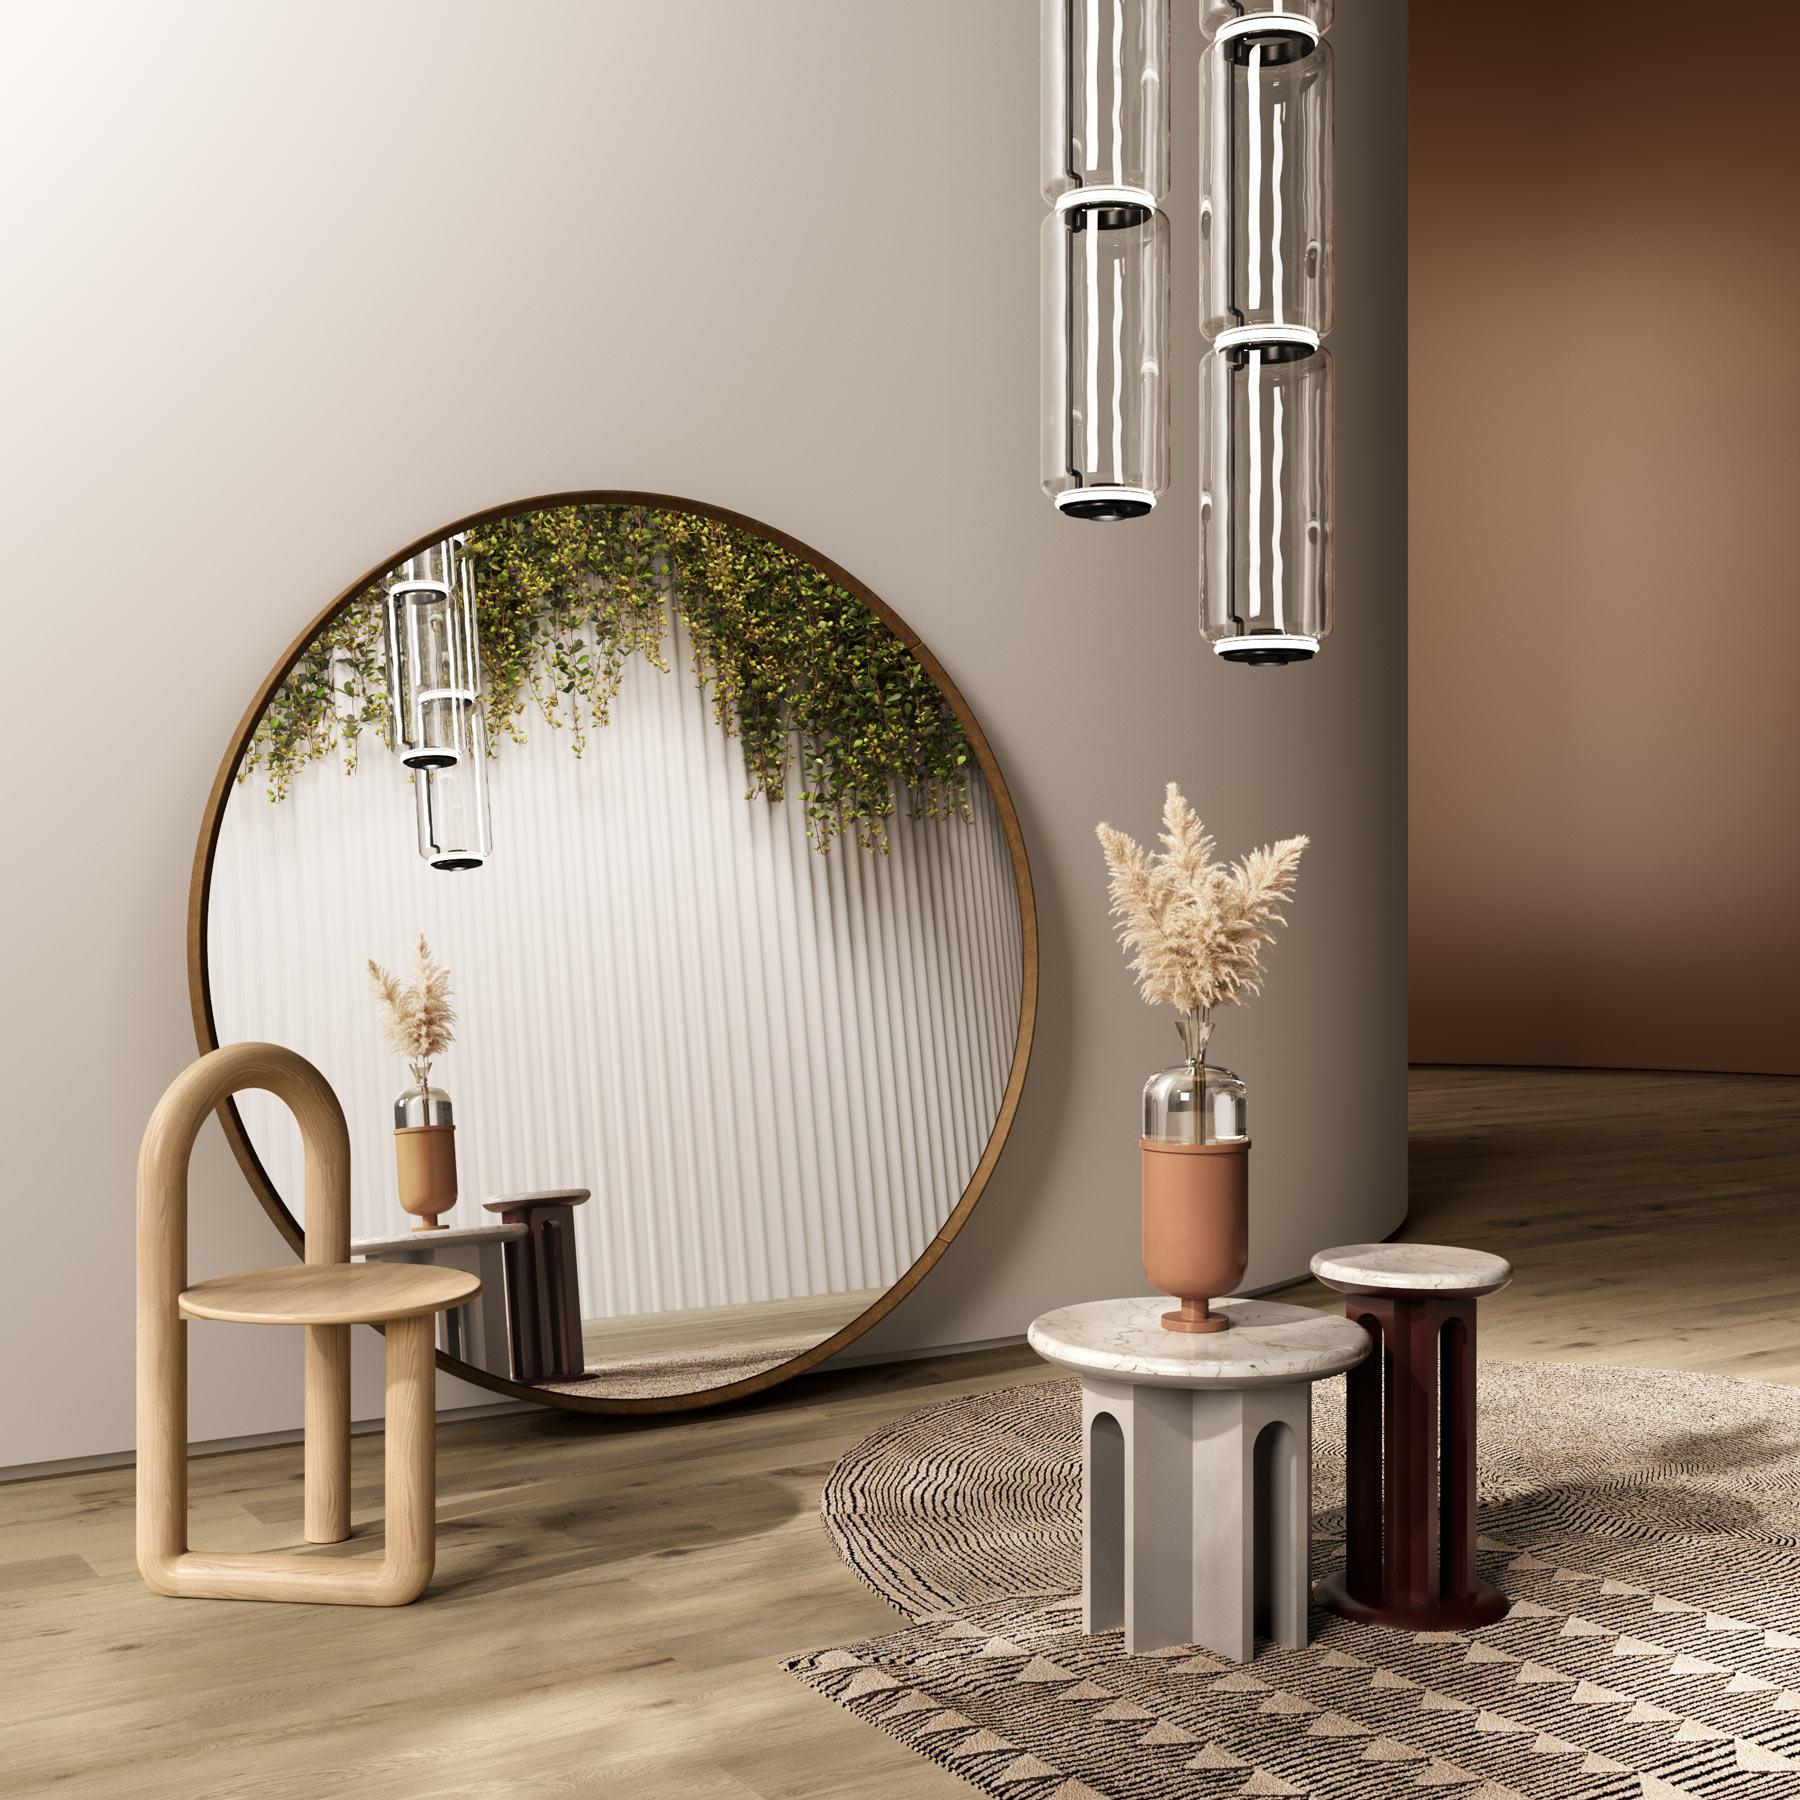 Radici-interior-design